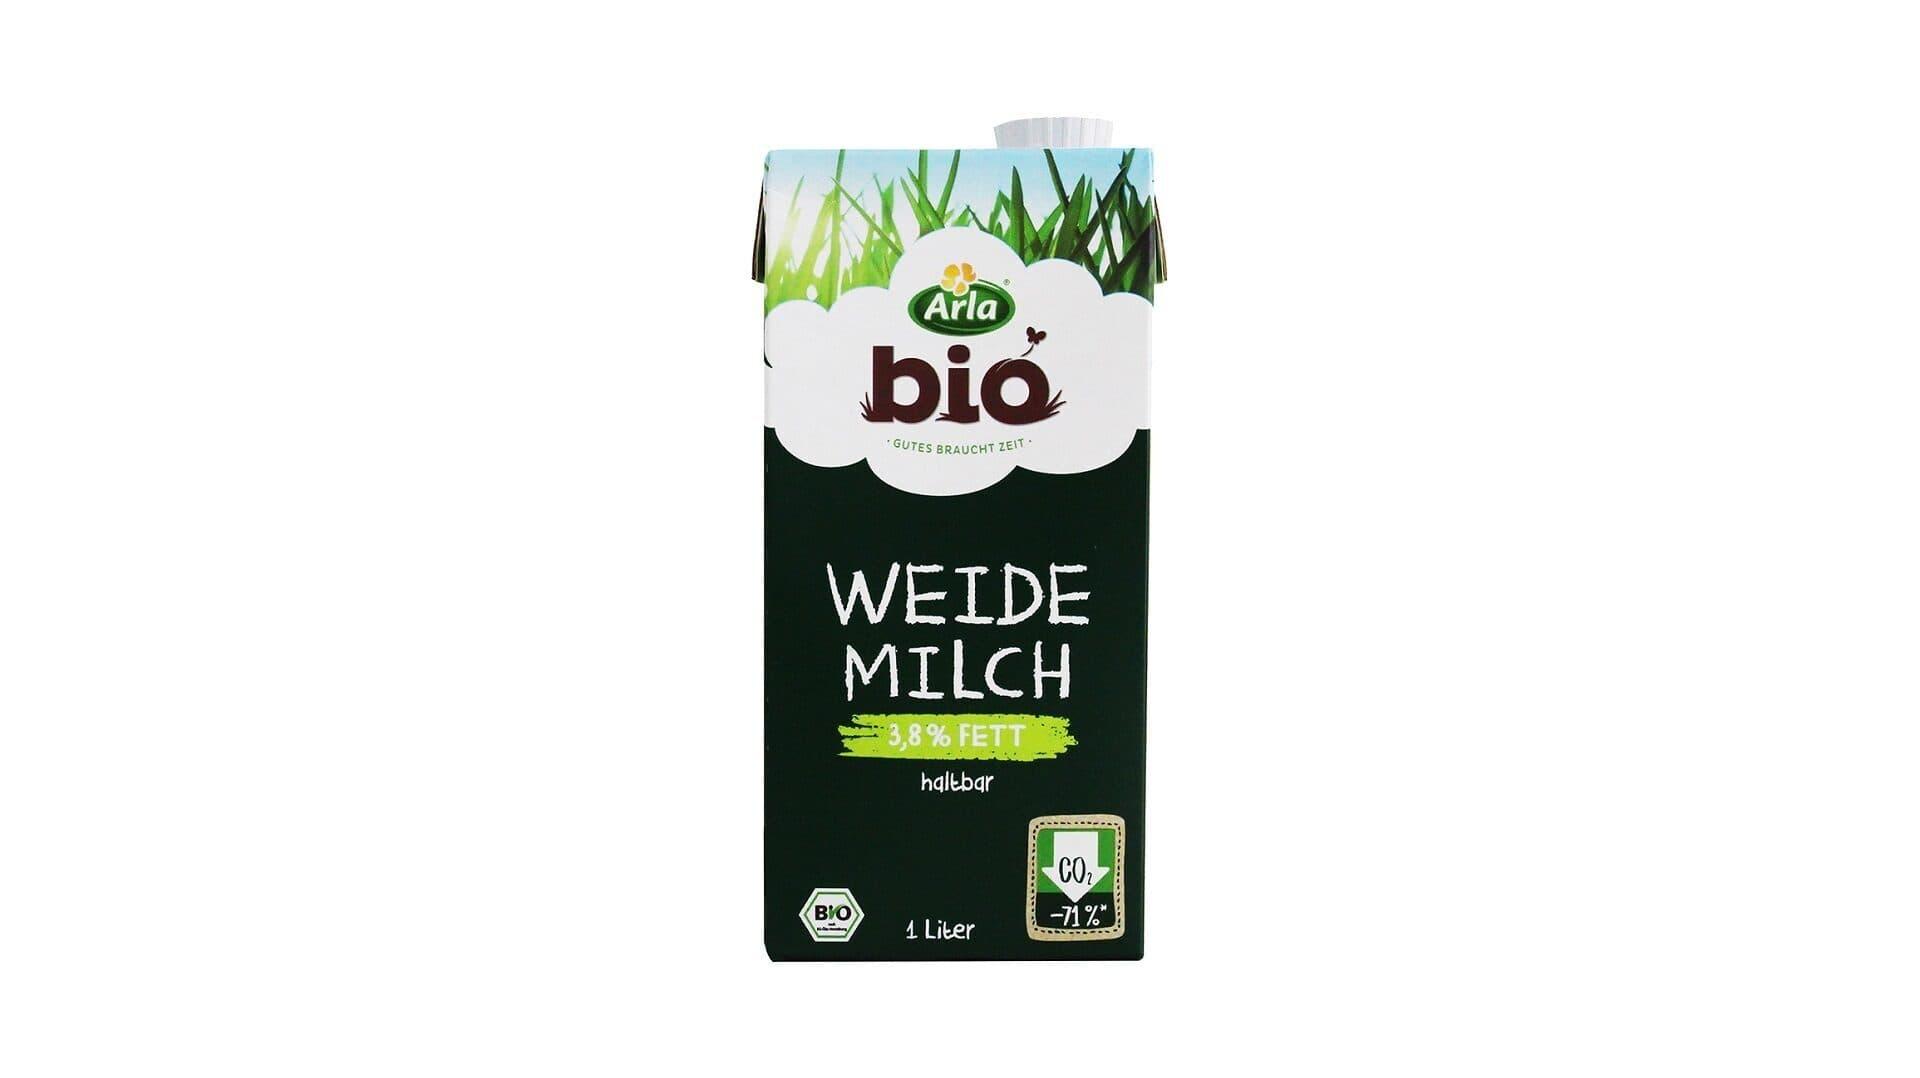 Arla Bio Weidemilch